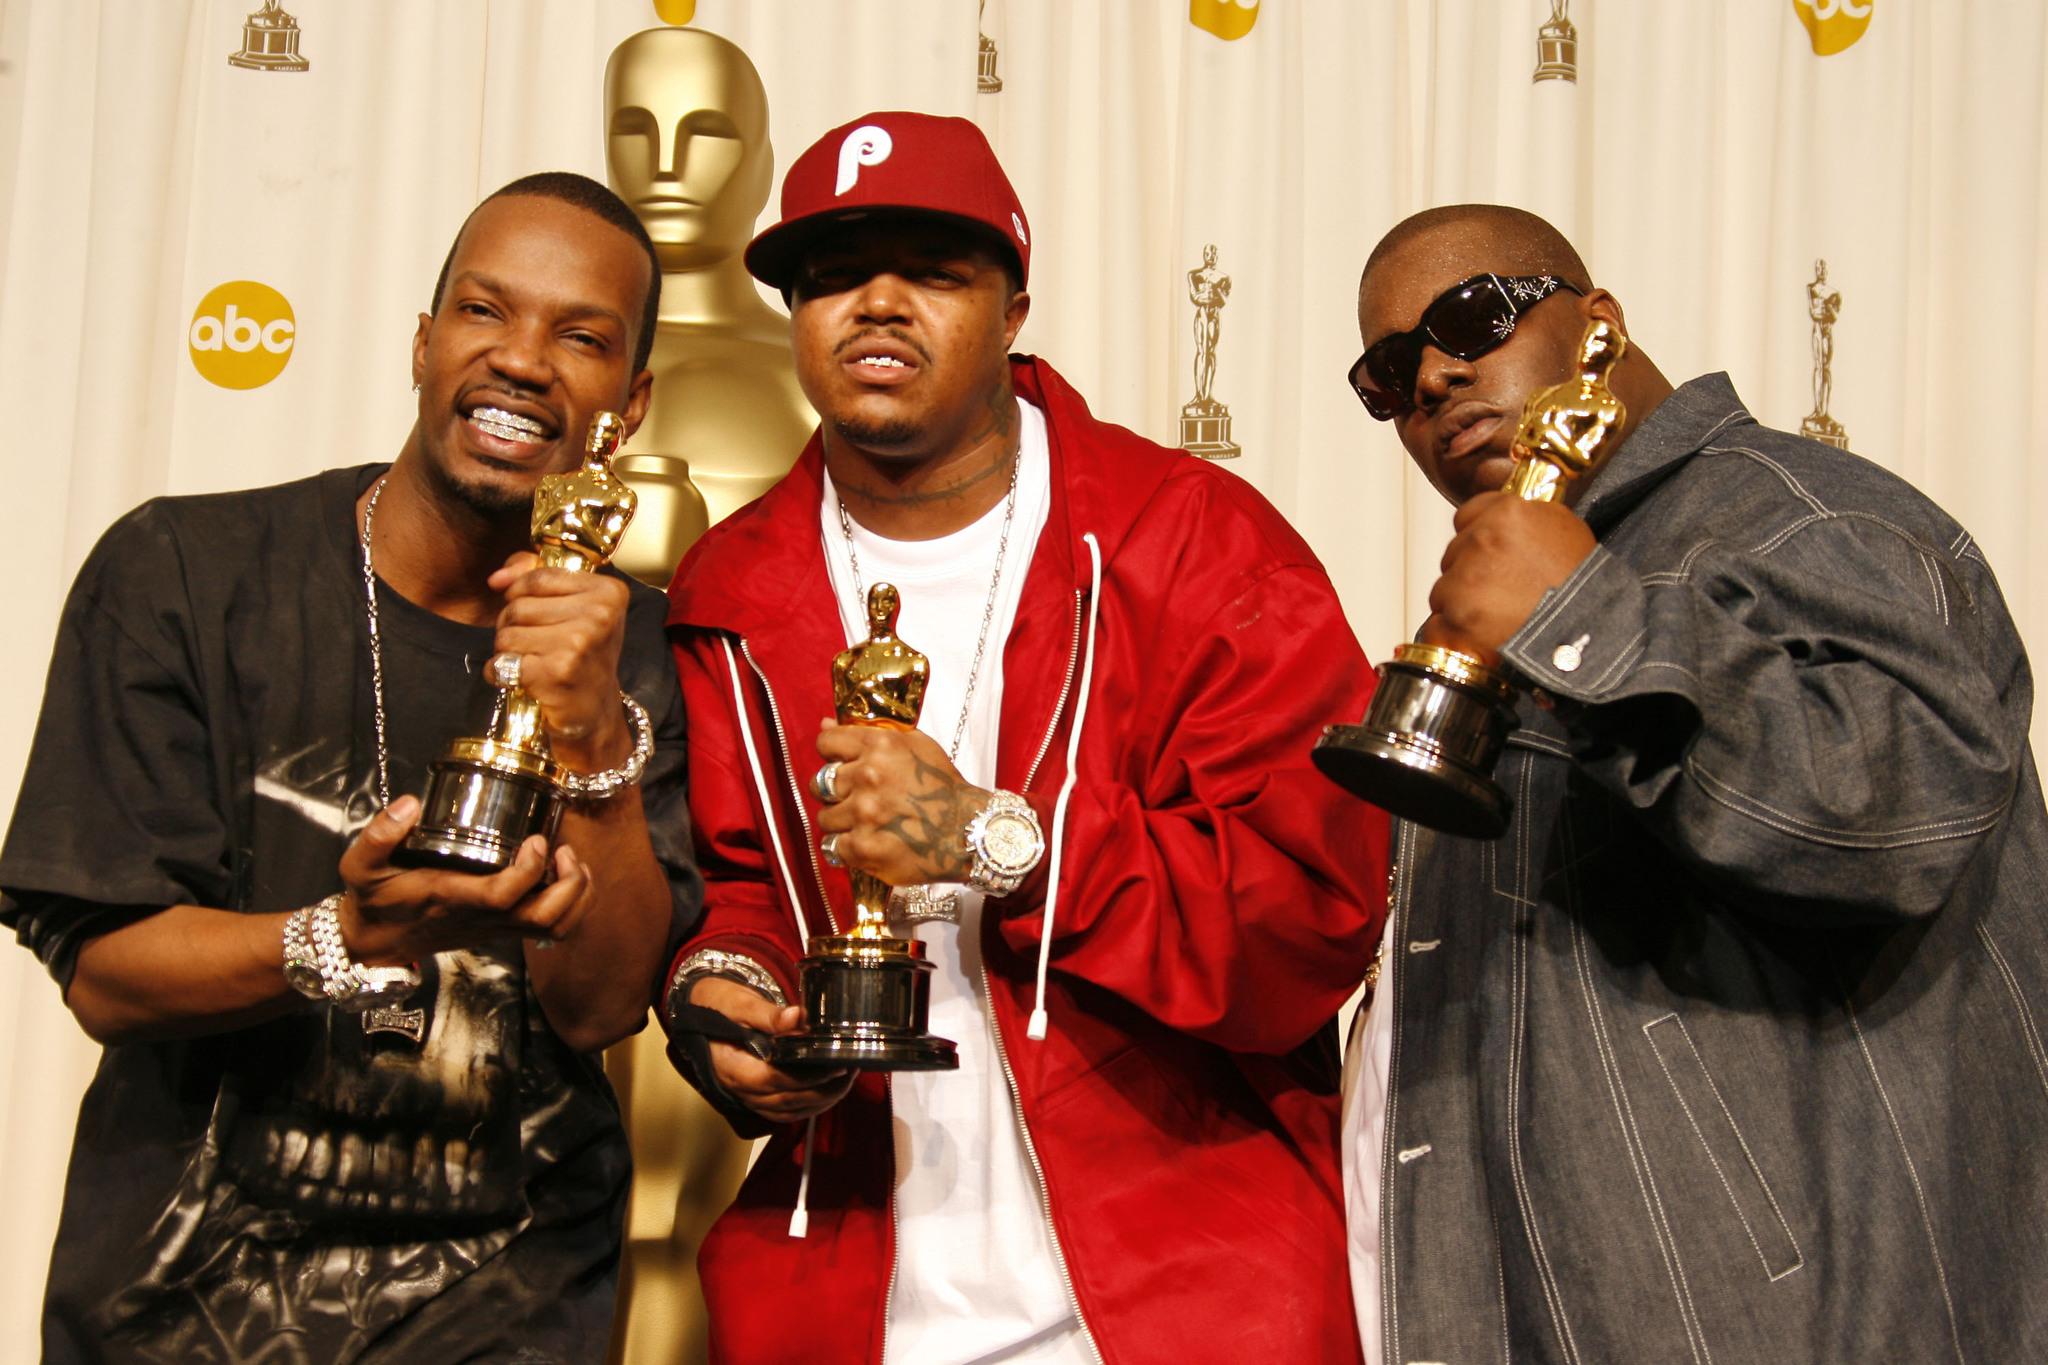 The 78th Annual Academy Awards 2006